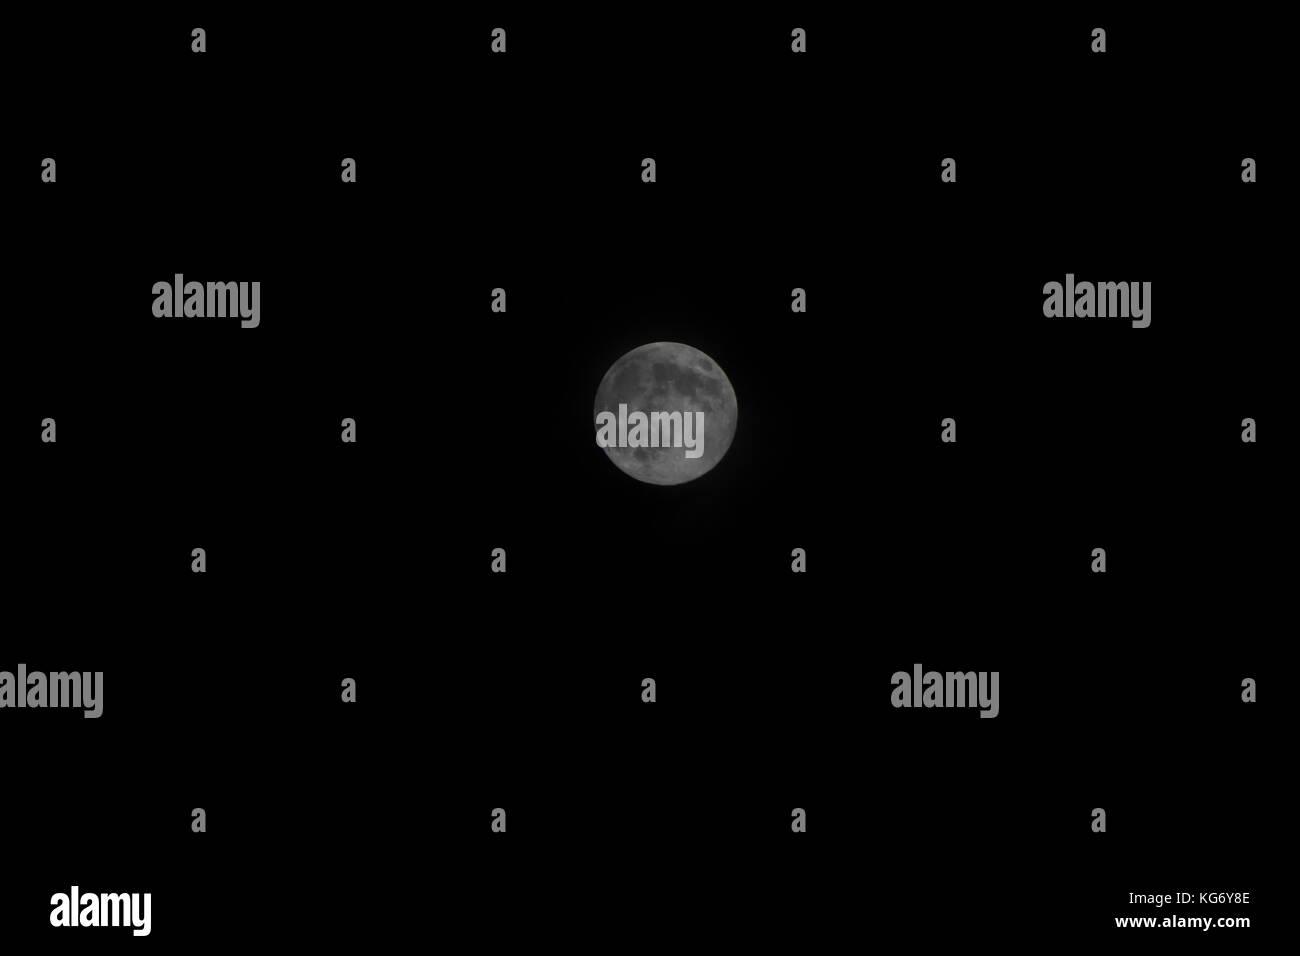 Bella Luna piena su una chiara notte oscura. a freddo e di impostazione come la luna è perfettamente centrato Immagini Stock